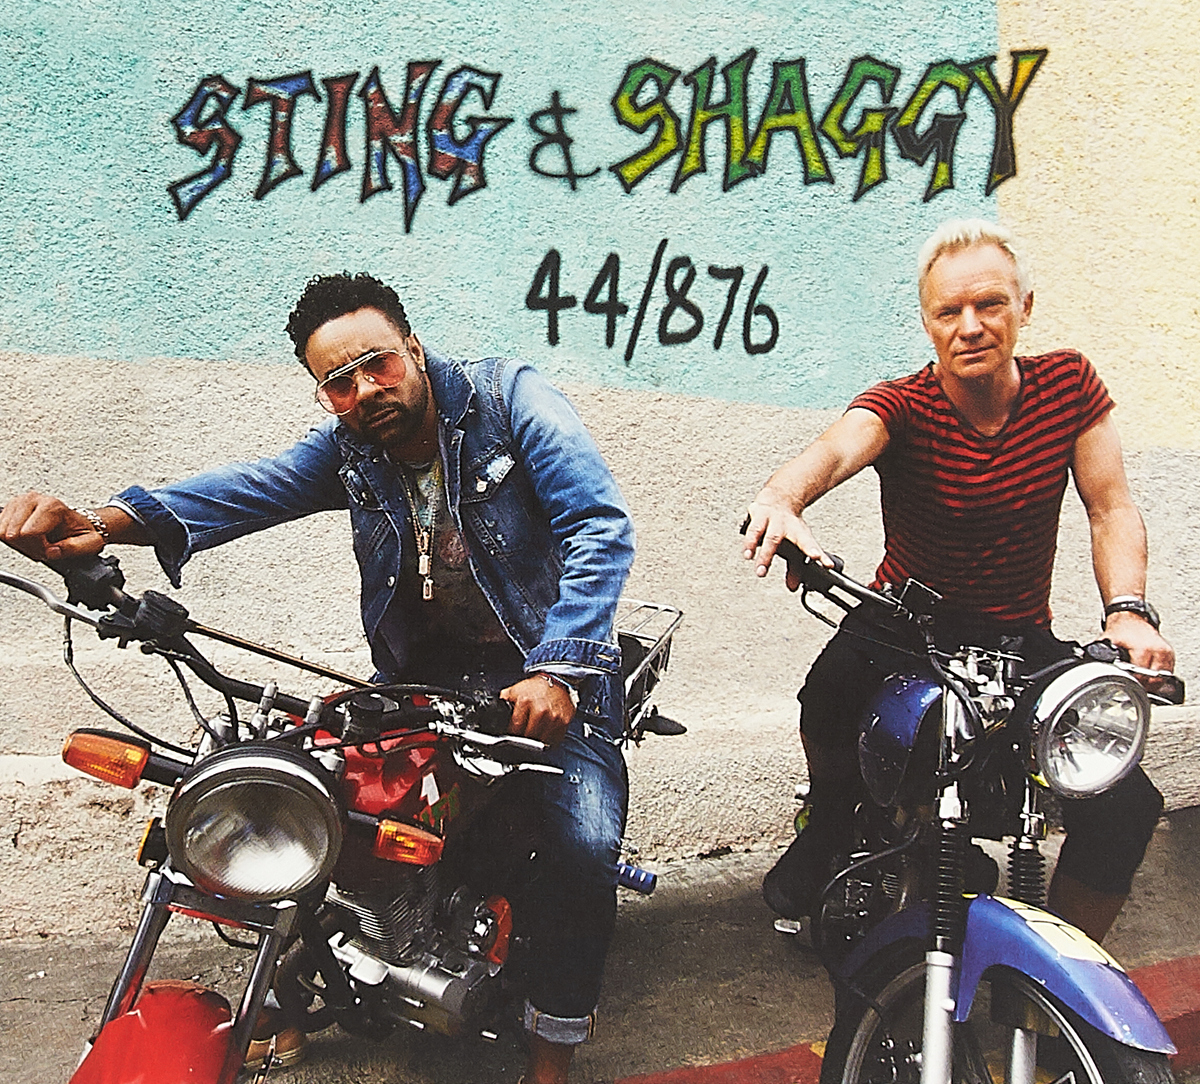 Стинг Sting & Shaggy. 44/876 стинг sting brand new day